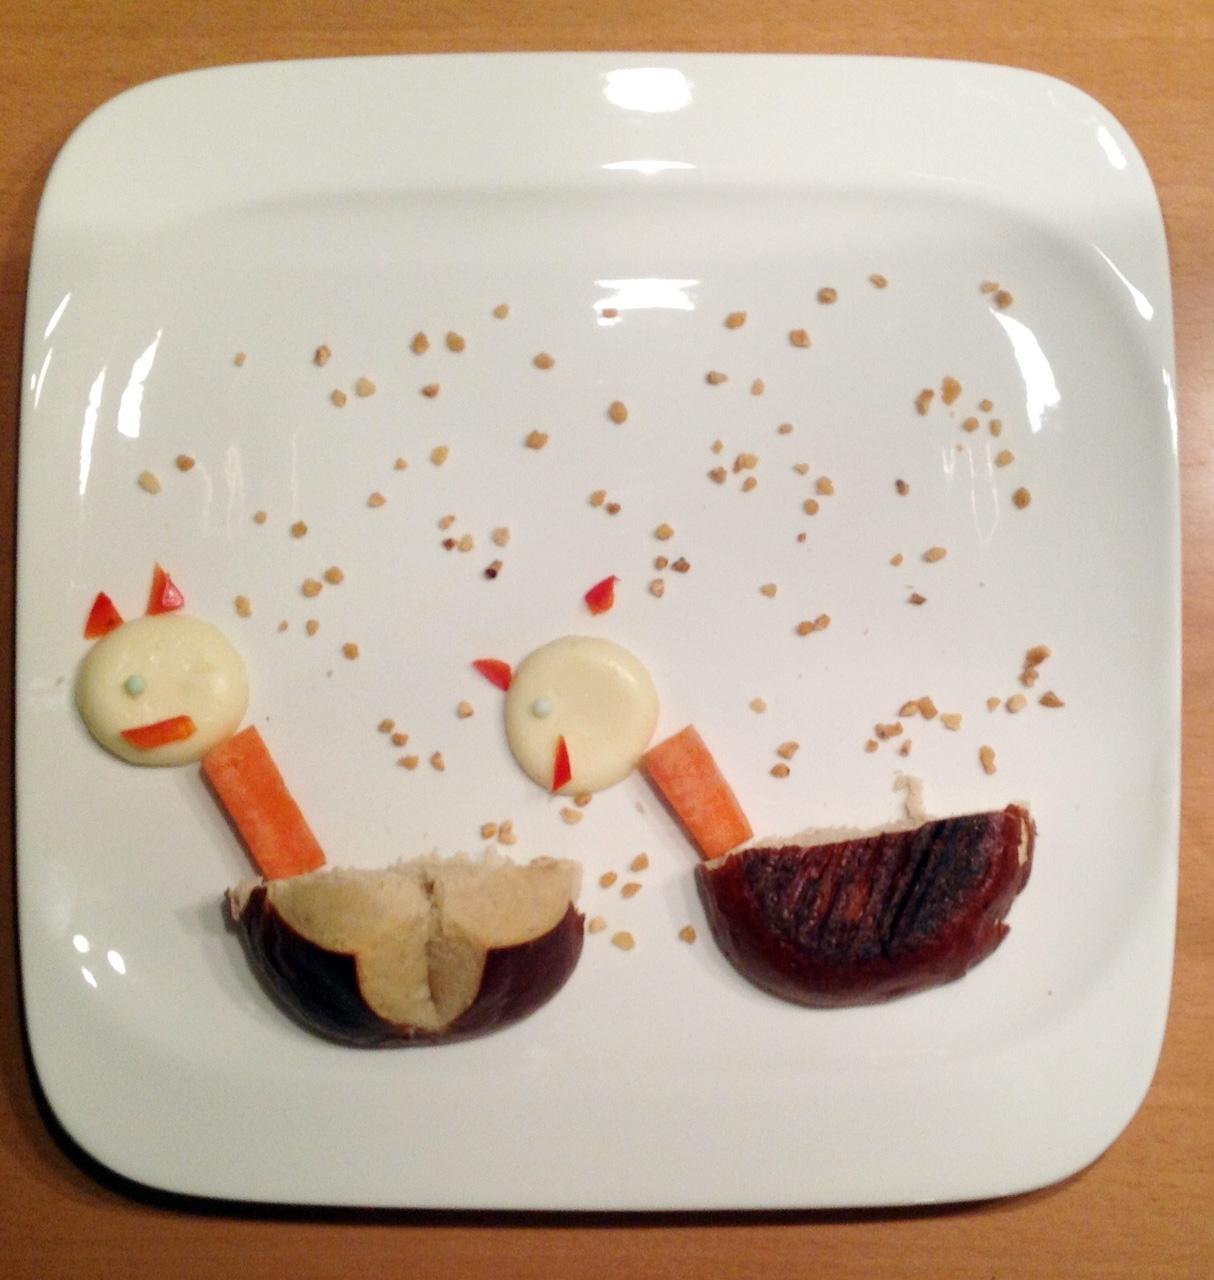 zwei Schaukelpferde. Der erste Versuch von Tochter. Laugenbrötchen, Karotte, Mini-Babybel und Krokant.